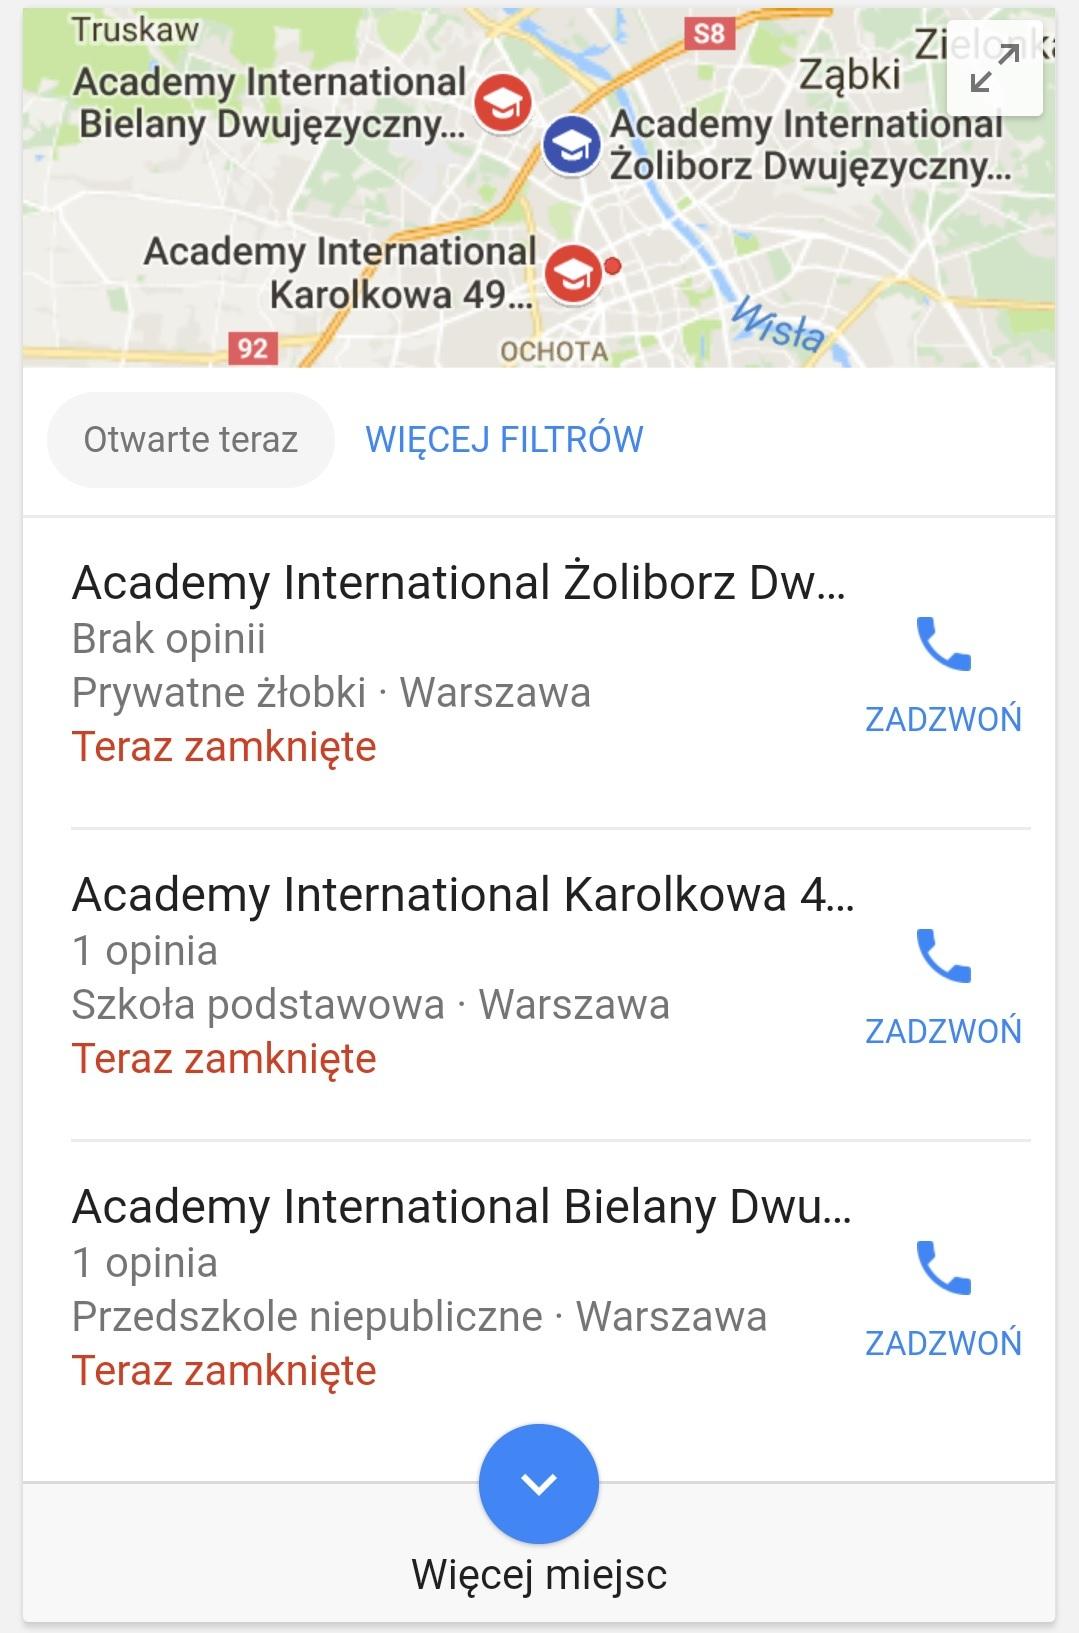 zapytanie o brand na mobile w lokalnych wynikach wyszukiwania